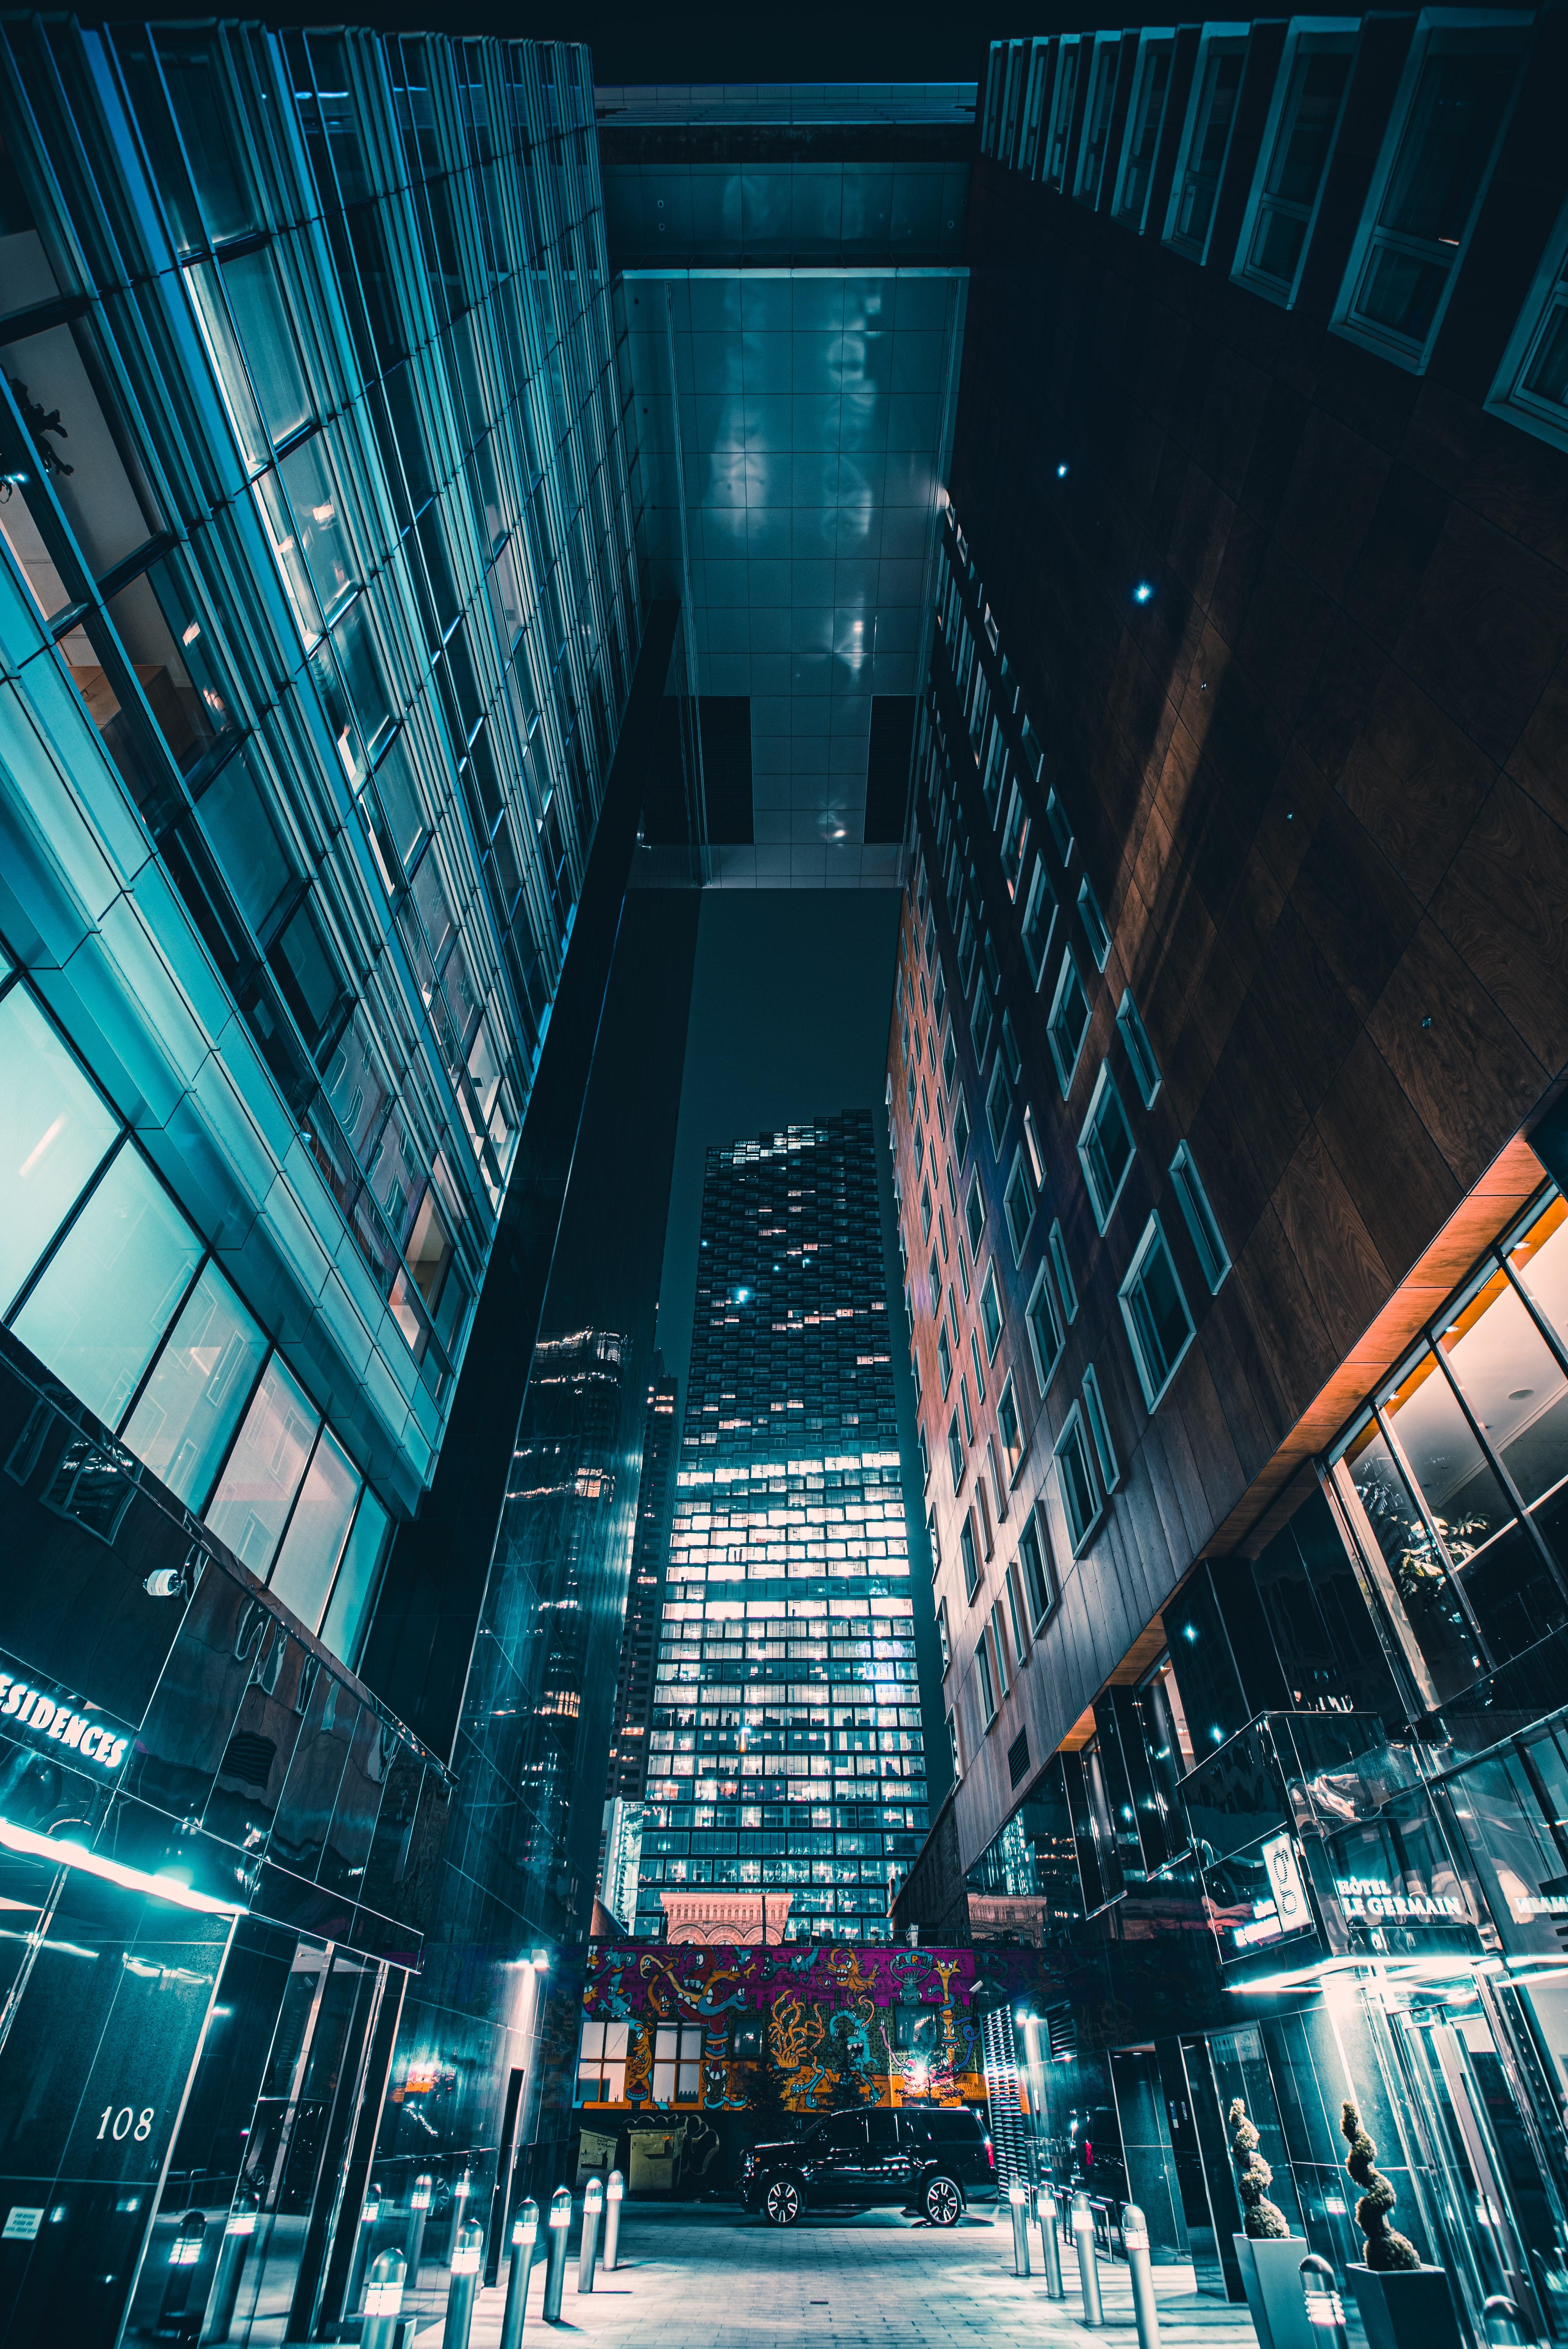 140105壁紙のダウンロード夜の街, ナイトシティ, 建物, 車, 機械, グロー, 匂う, 都市-スクリーンセーバーと写真を無料で